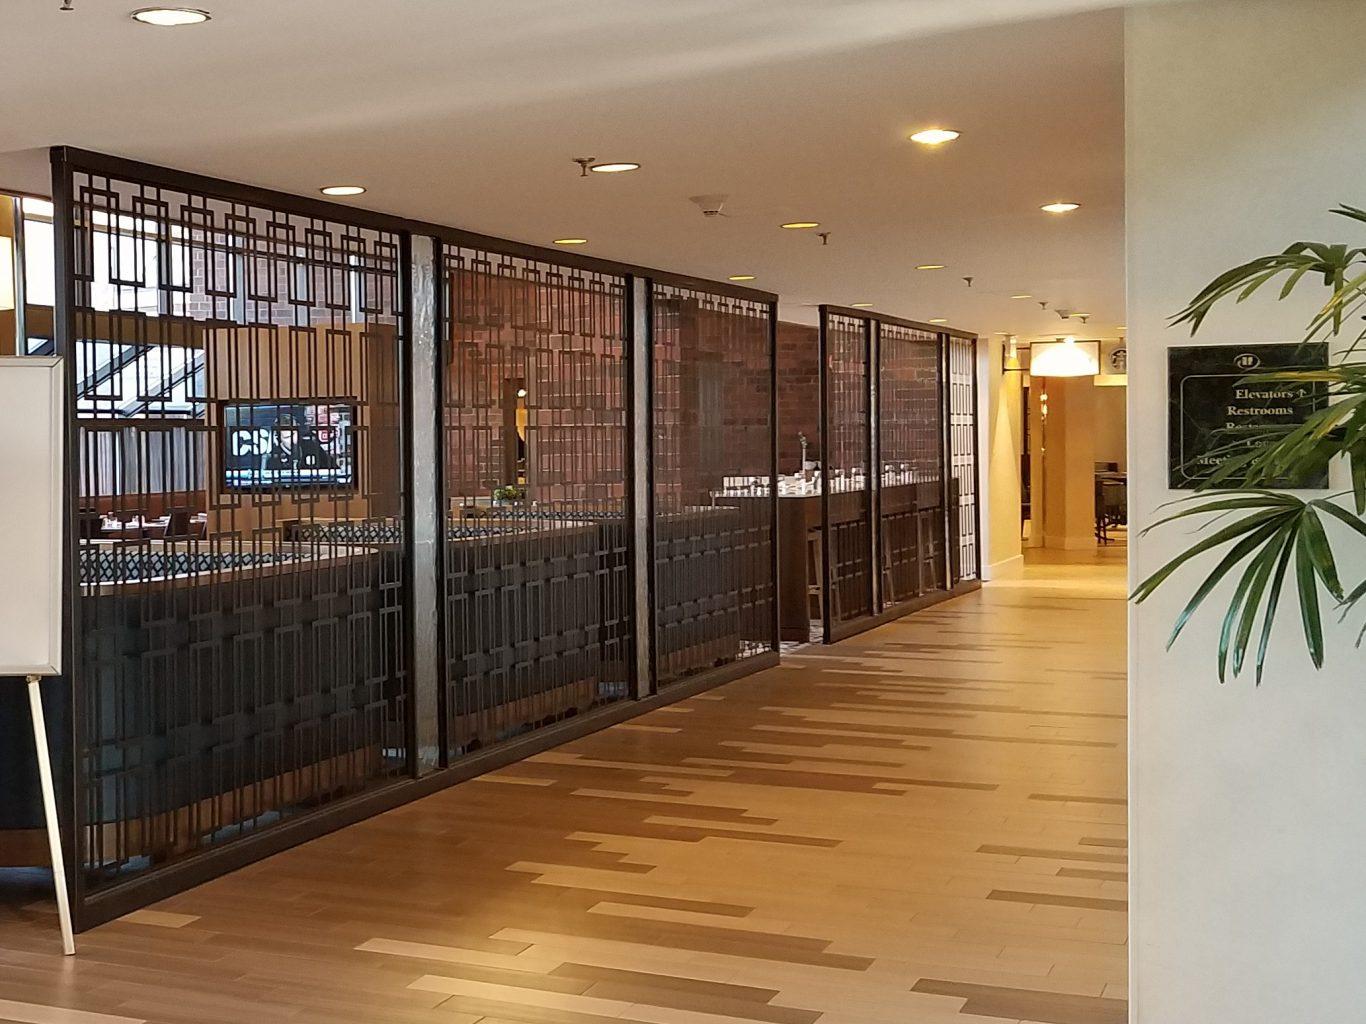 Tableaux Decorative Grilles in the Hilton Hotel Dedham Lobby Café